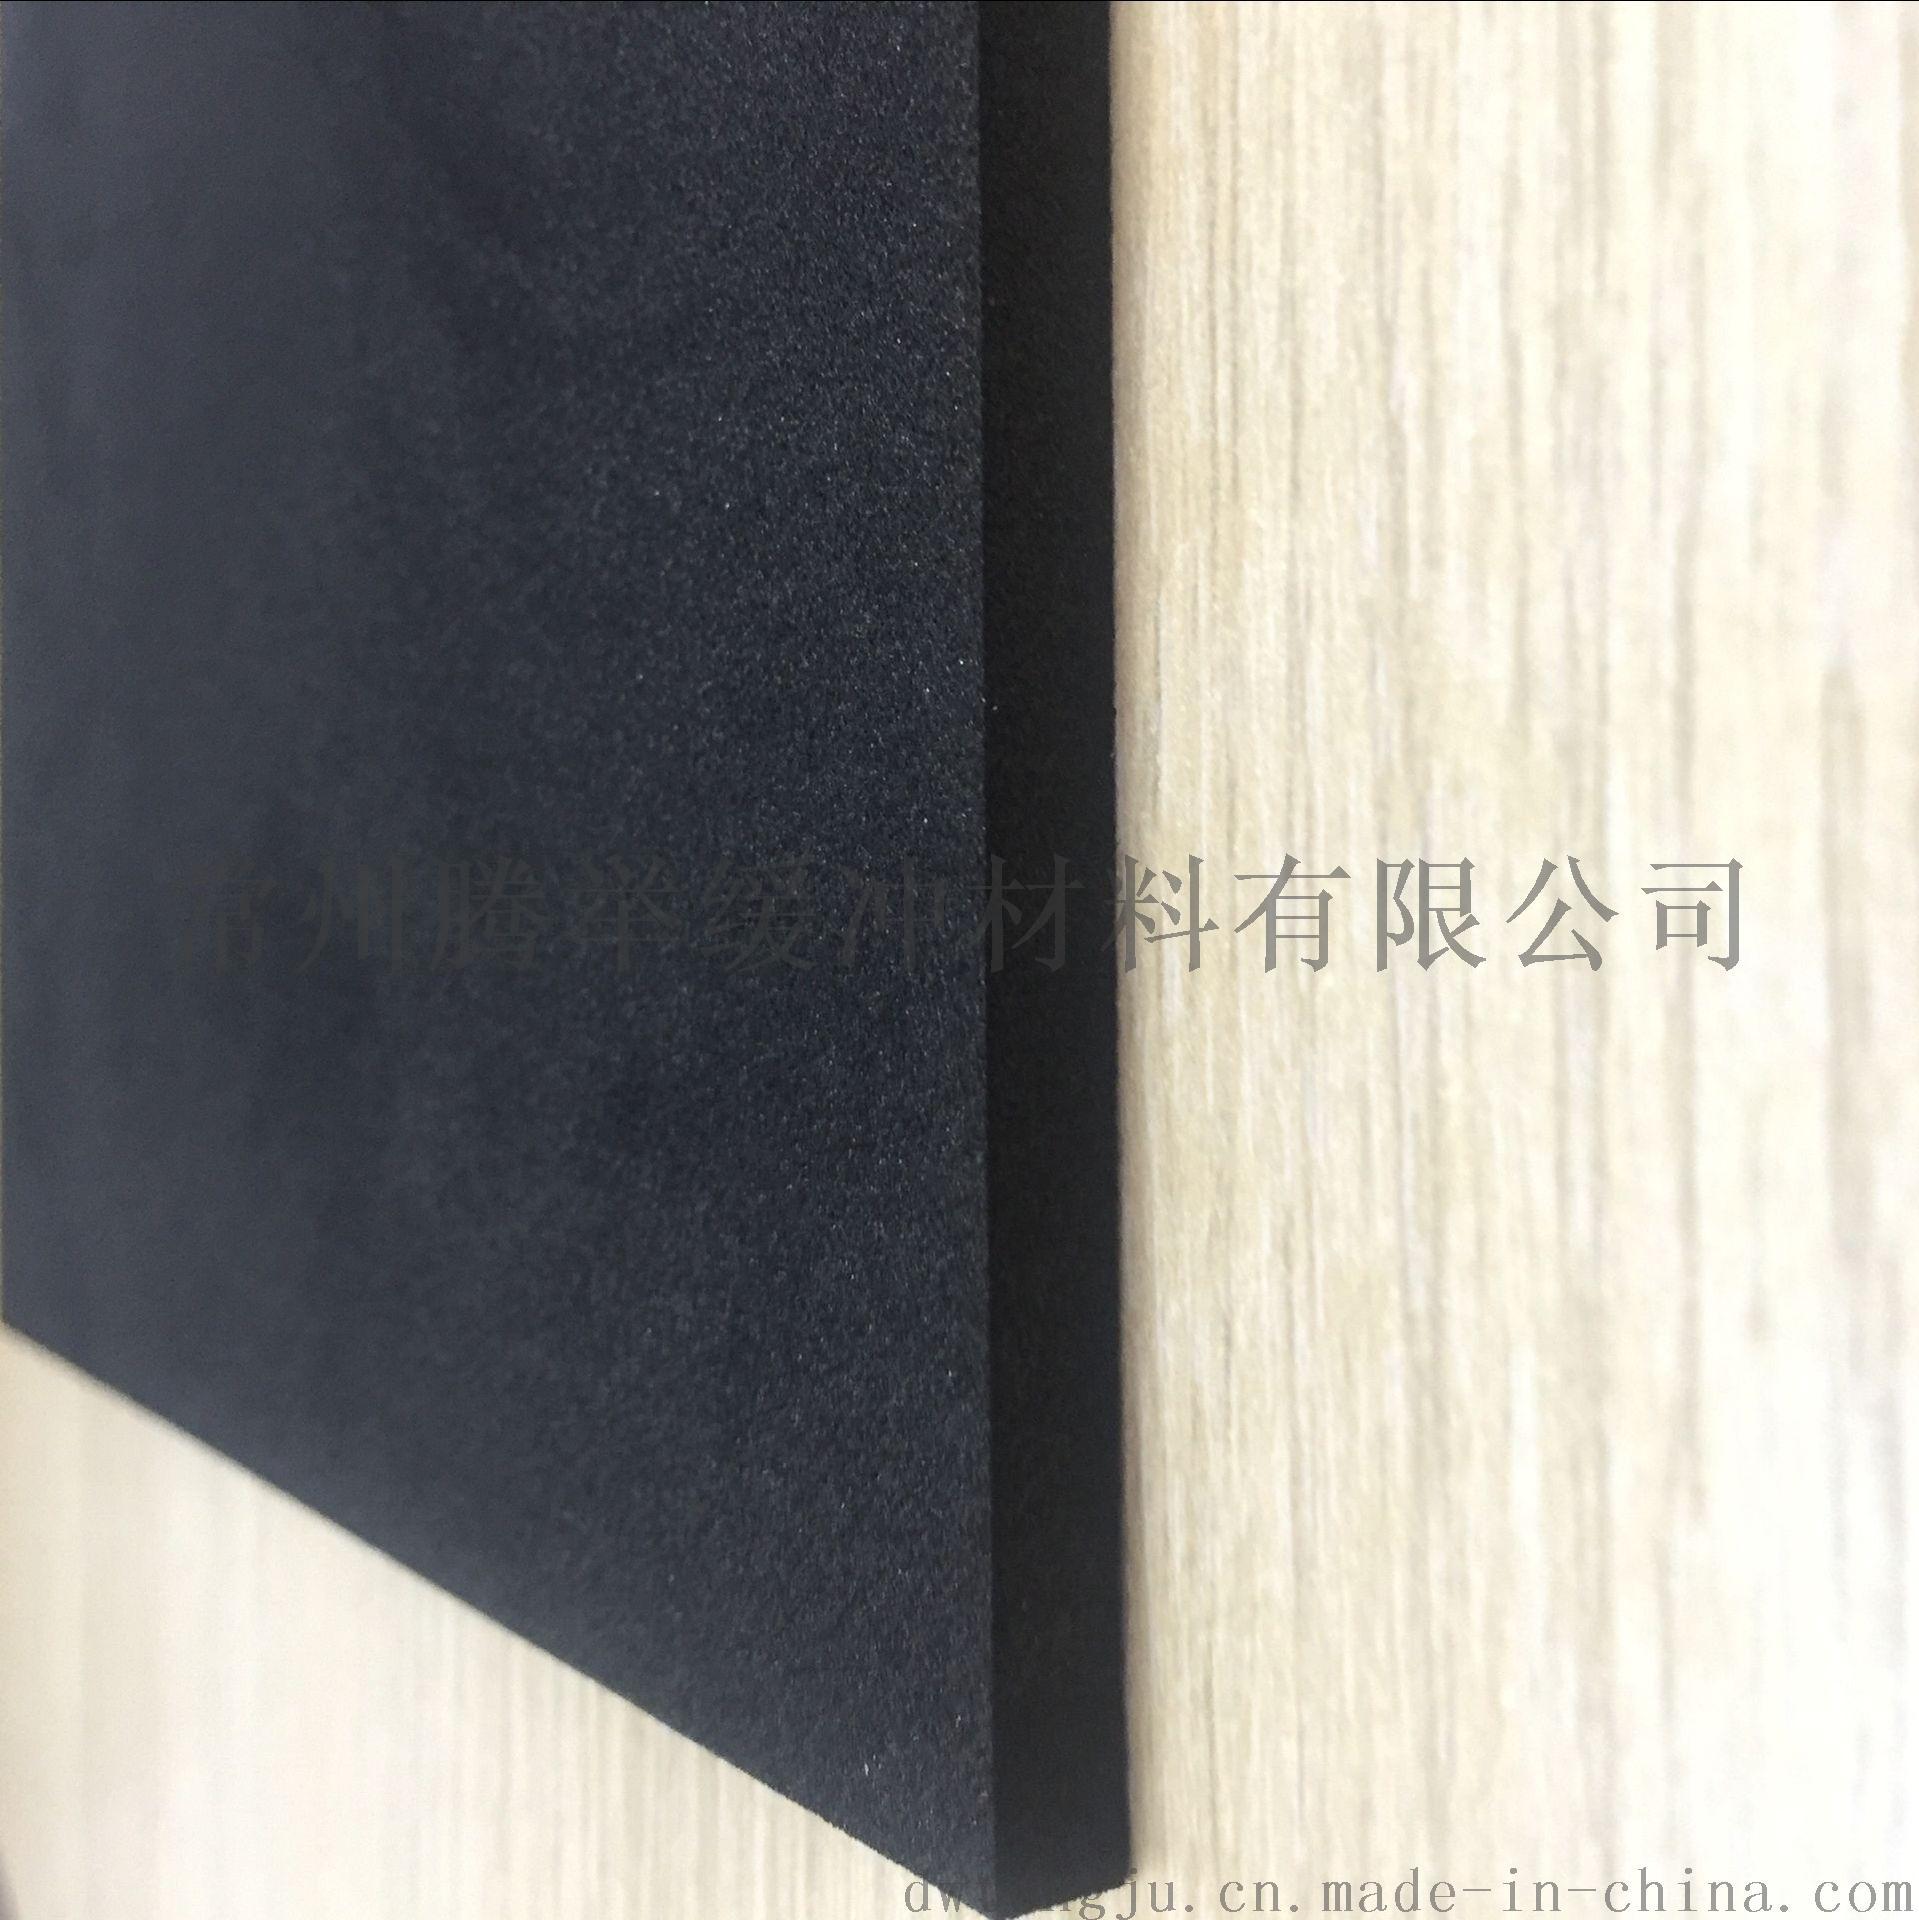 江浙沪厂家直销黑色EVA,高品质环保型EVA材料56792465